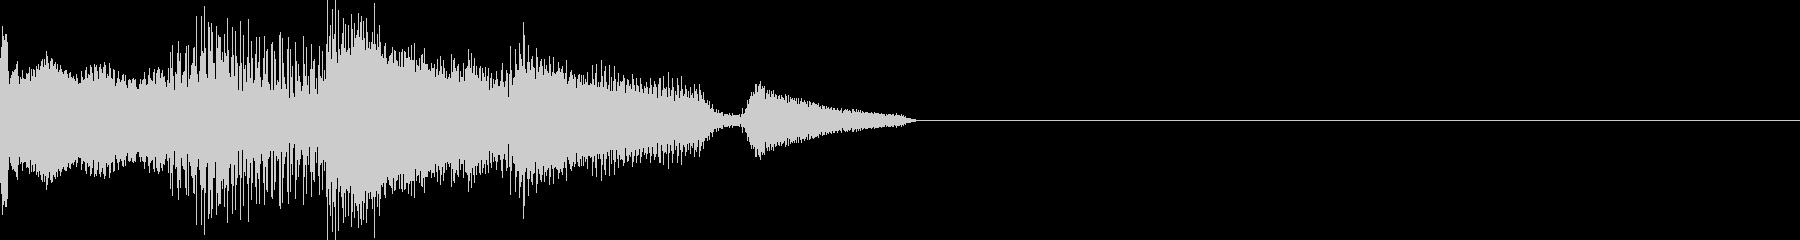 キロロン(マシン、選択、カーソル移動)の未再生の波形